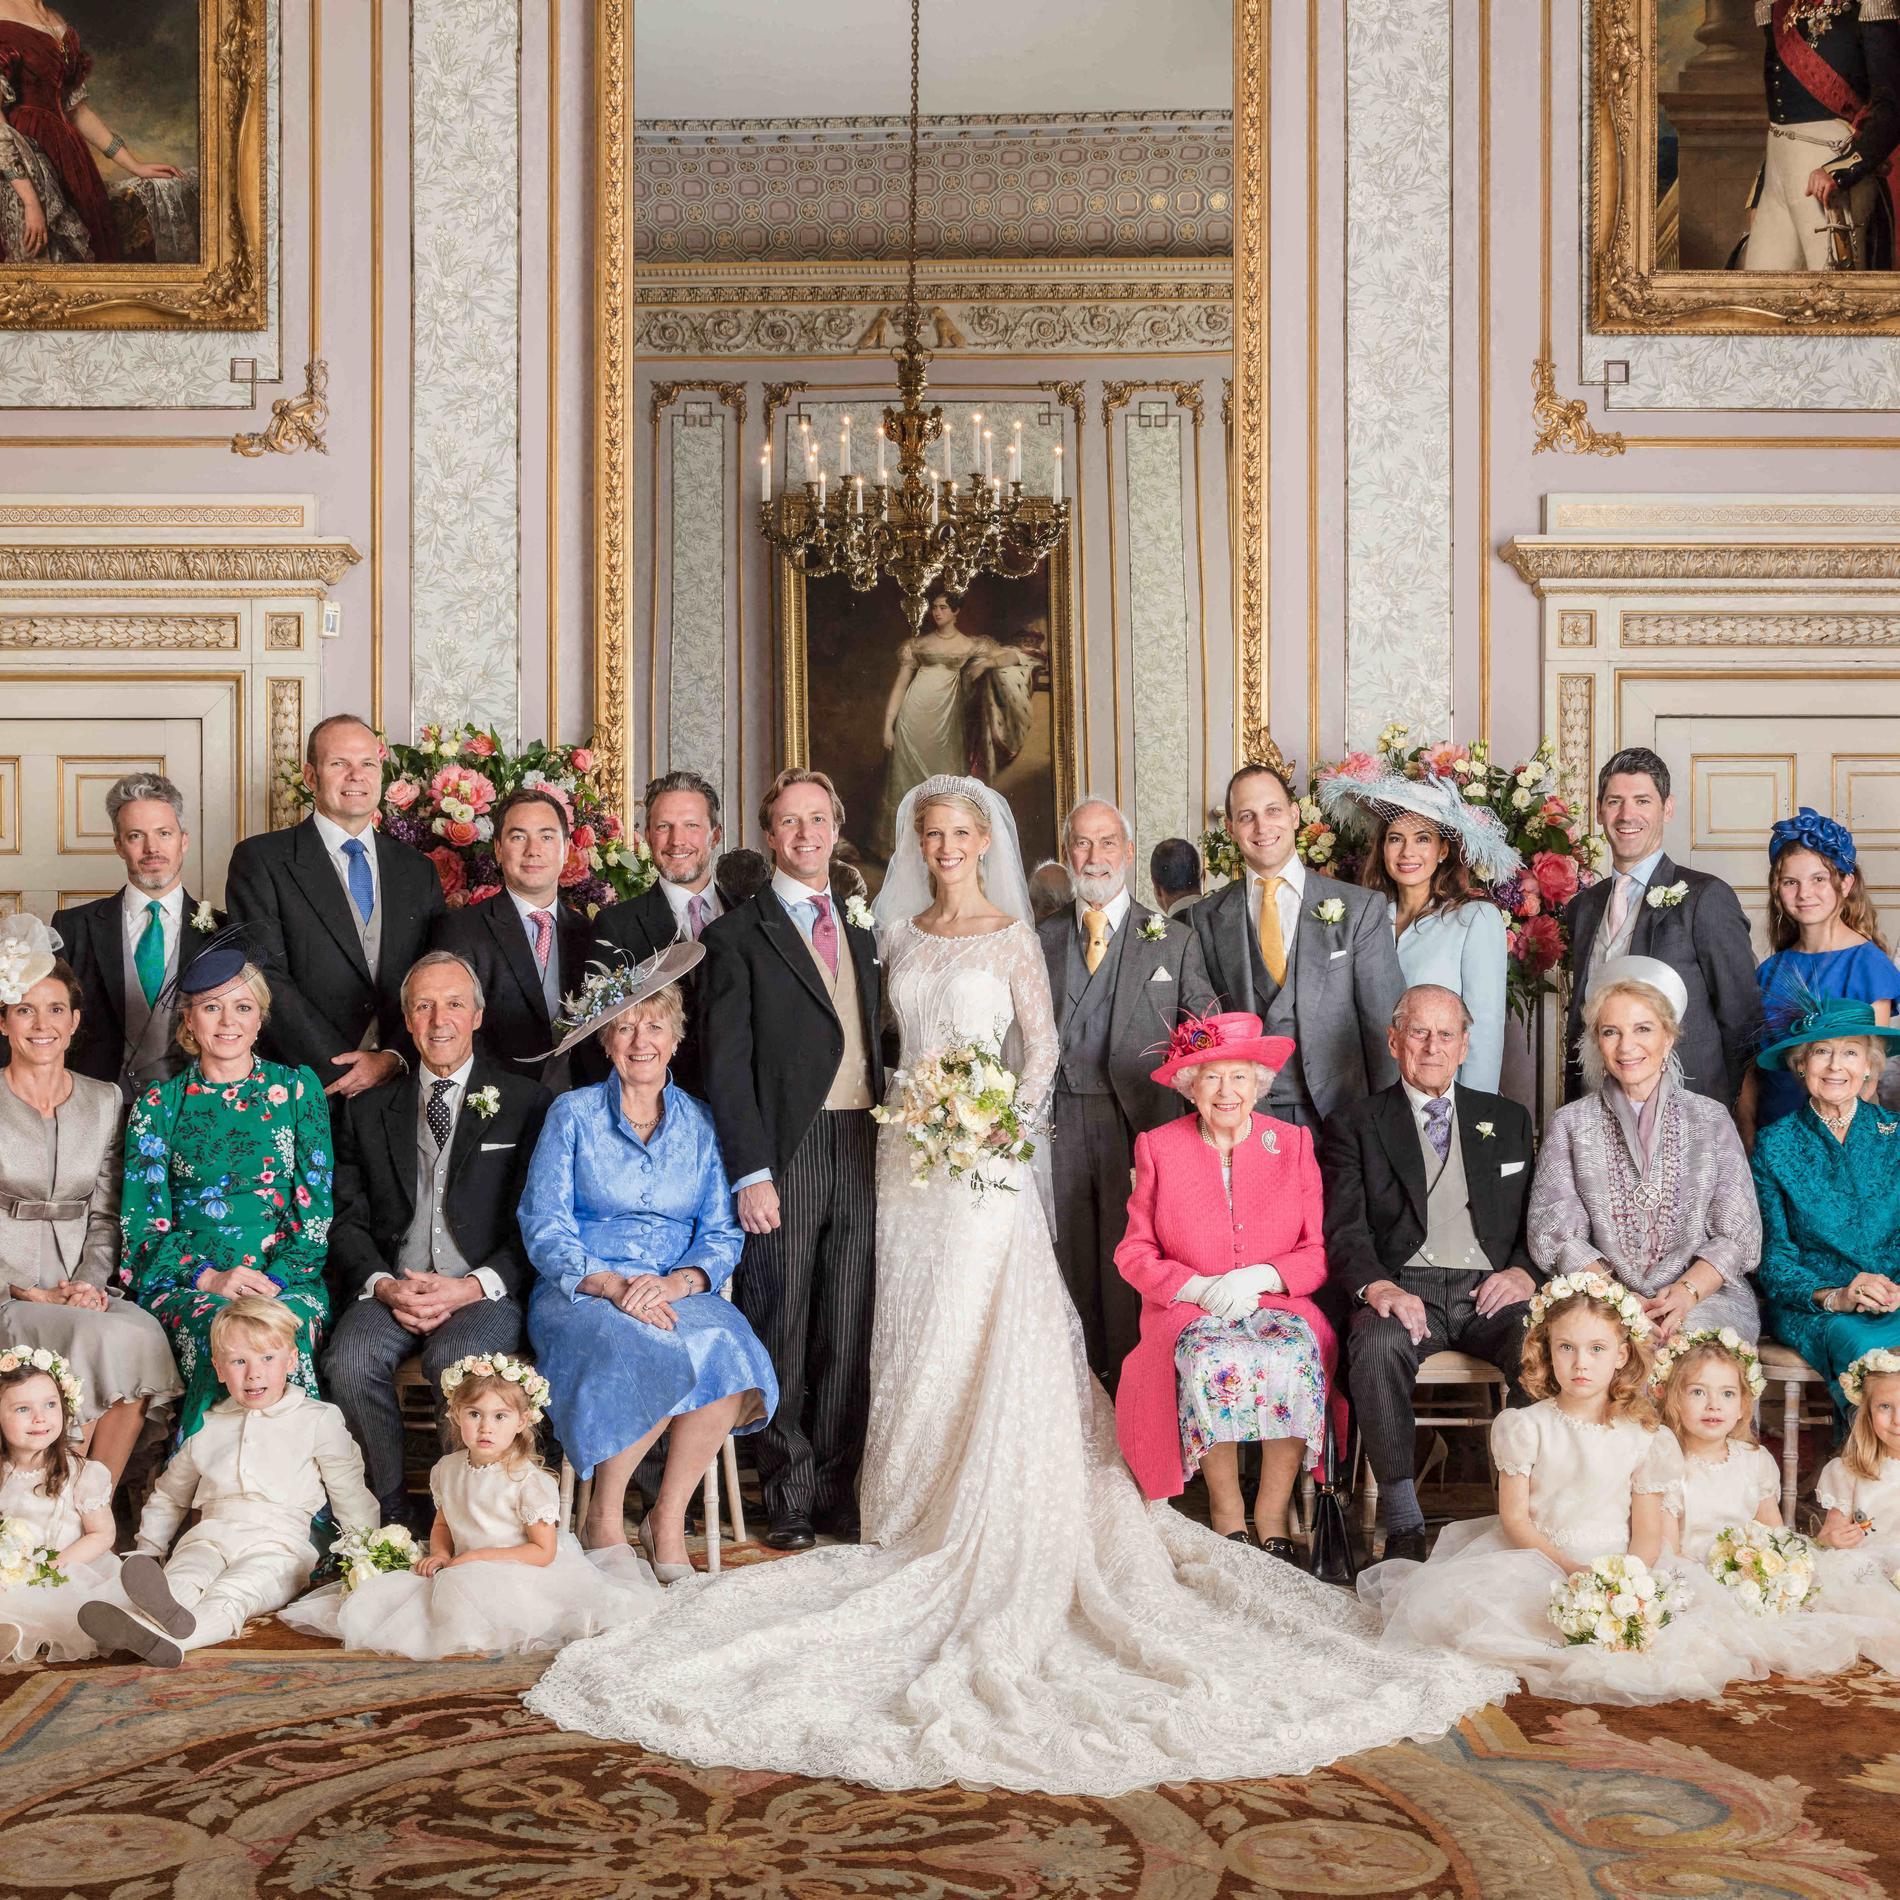 Le mariage presque royal de Lady Gabriella Windsor